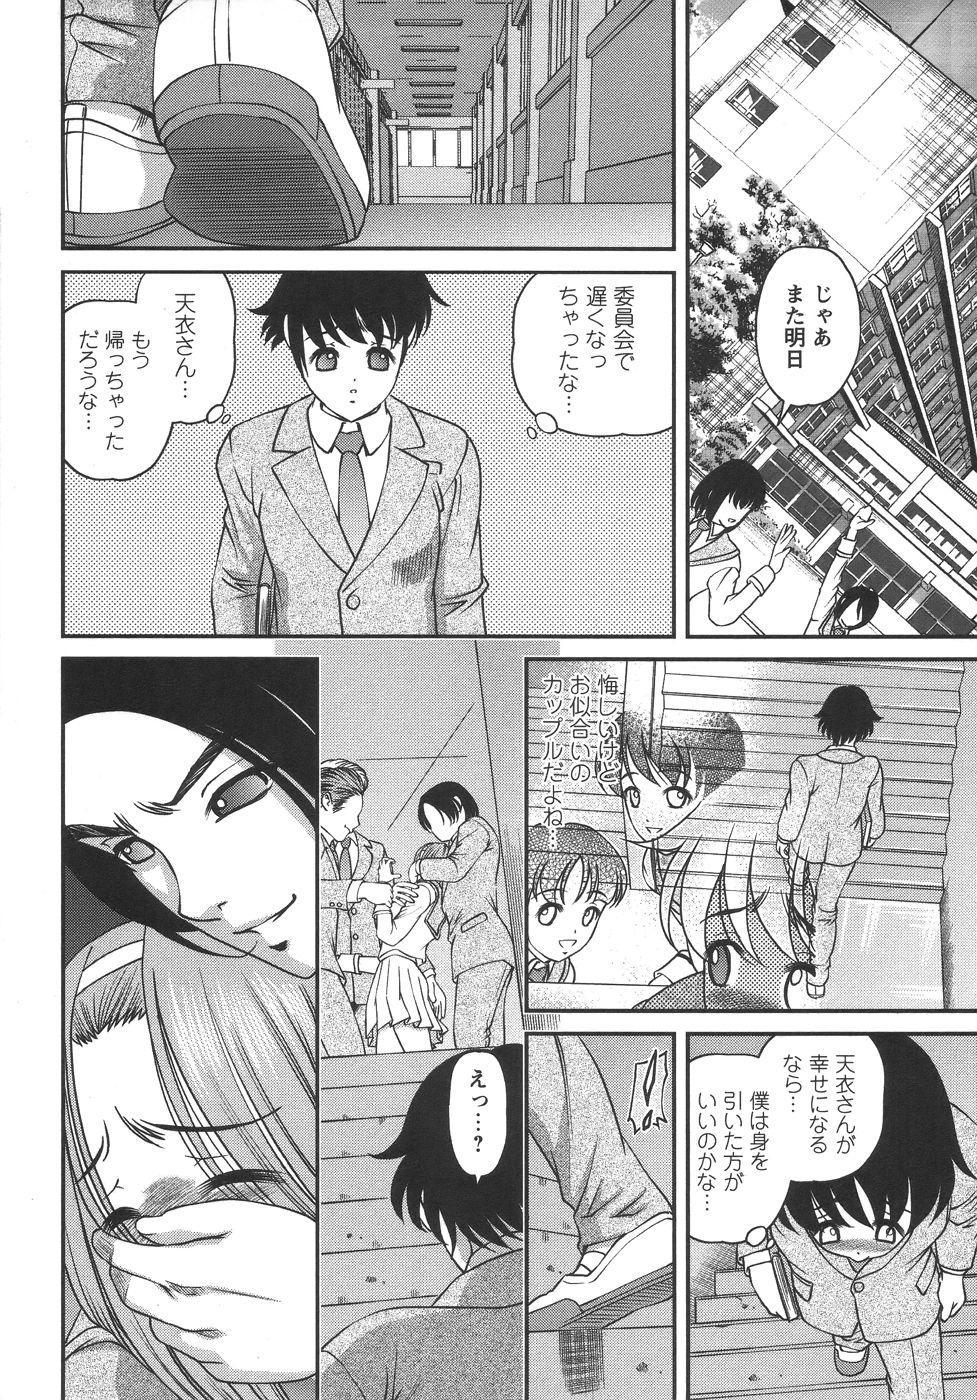 Comic Masyo 2006-06 145